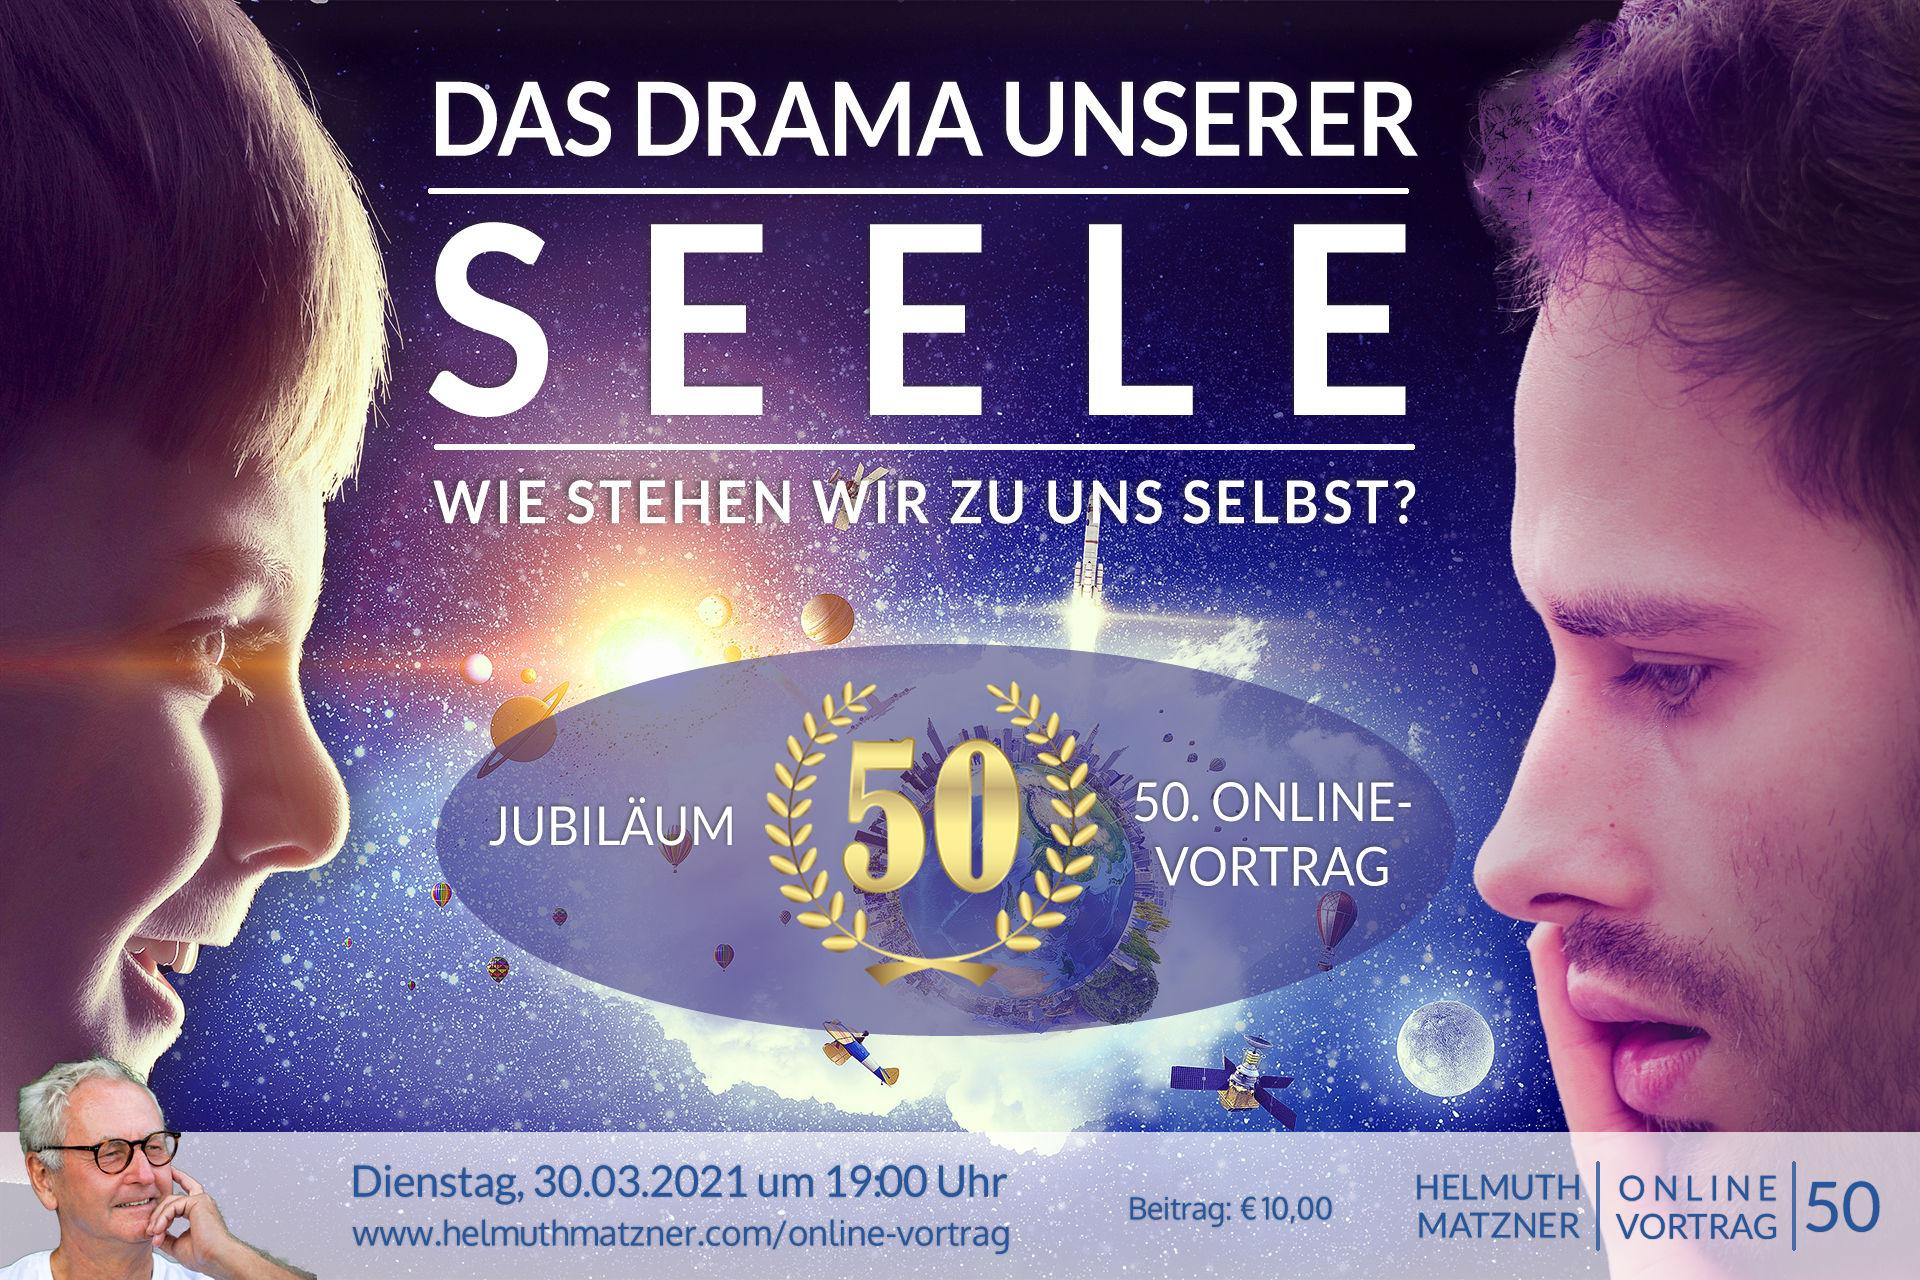 Helmuth Matzner - Online-Vortrag 50 - Drama unserer Seele - Banner v01D1